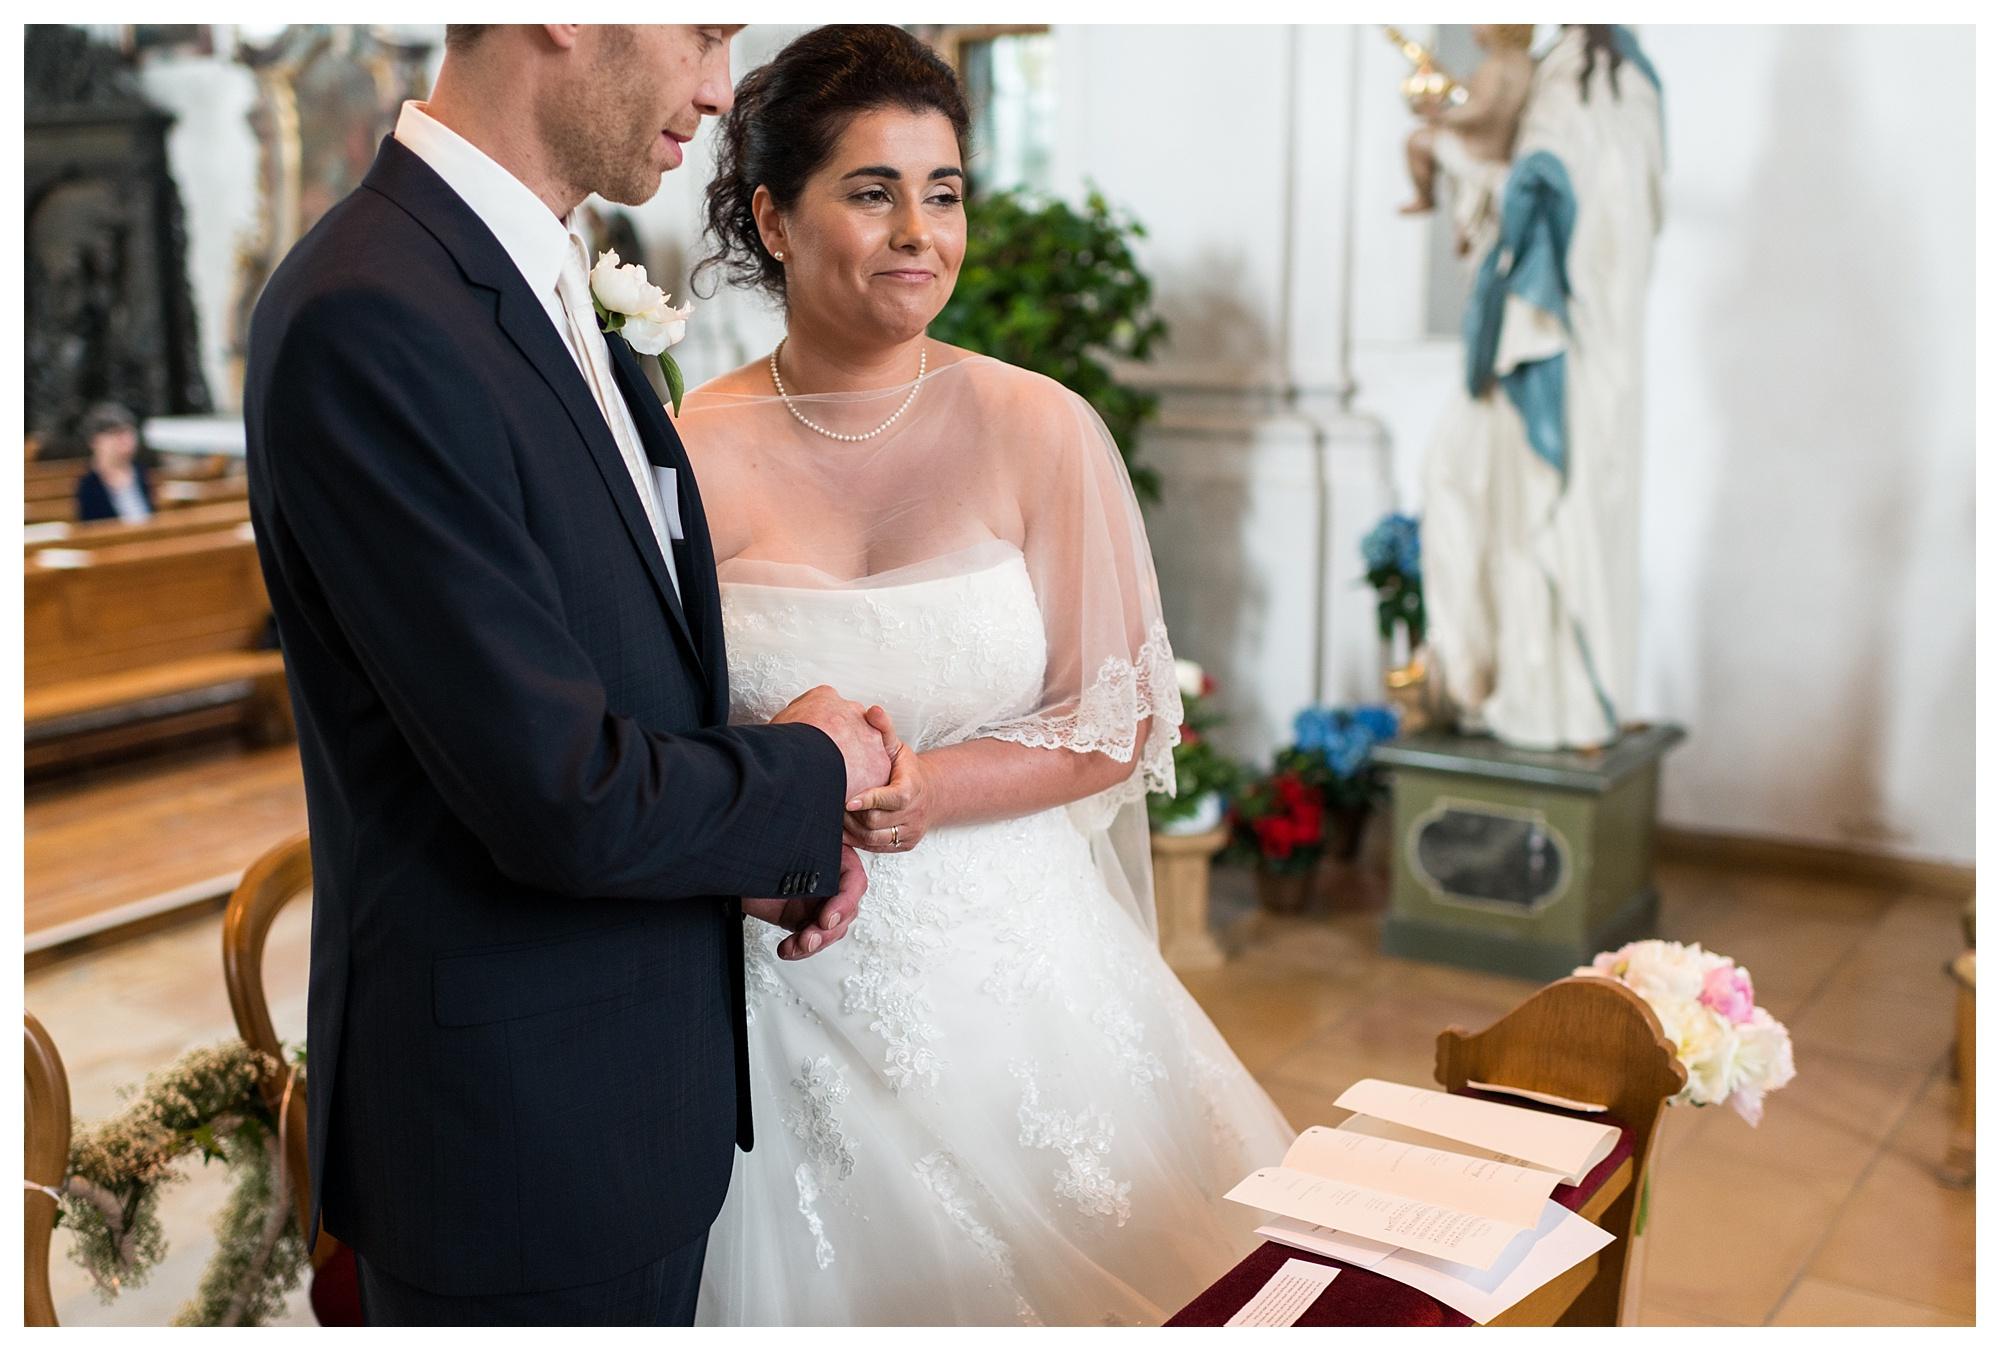 Fotograf Konstanz - Hochzeit Tanja Elmar Elmar Feuerbacher Photography Konstanz Messkirch Highlights 034 - Hochzeitsreportage von Tanja und Elmar im Schloss Meßkirch  - 138 -